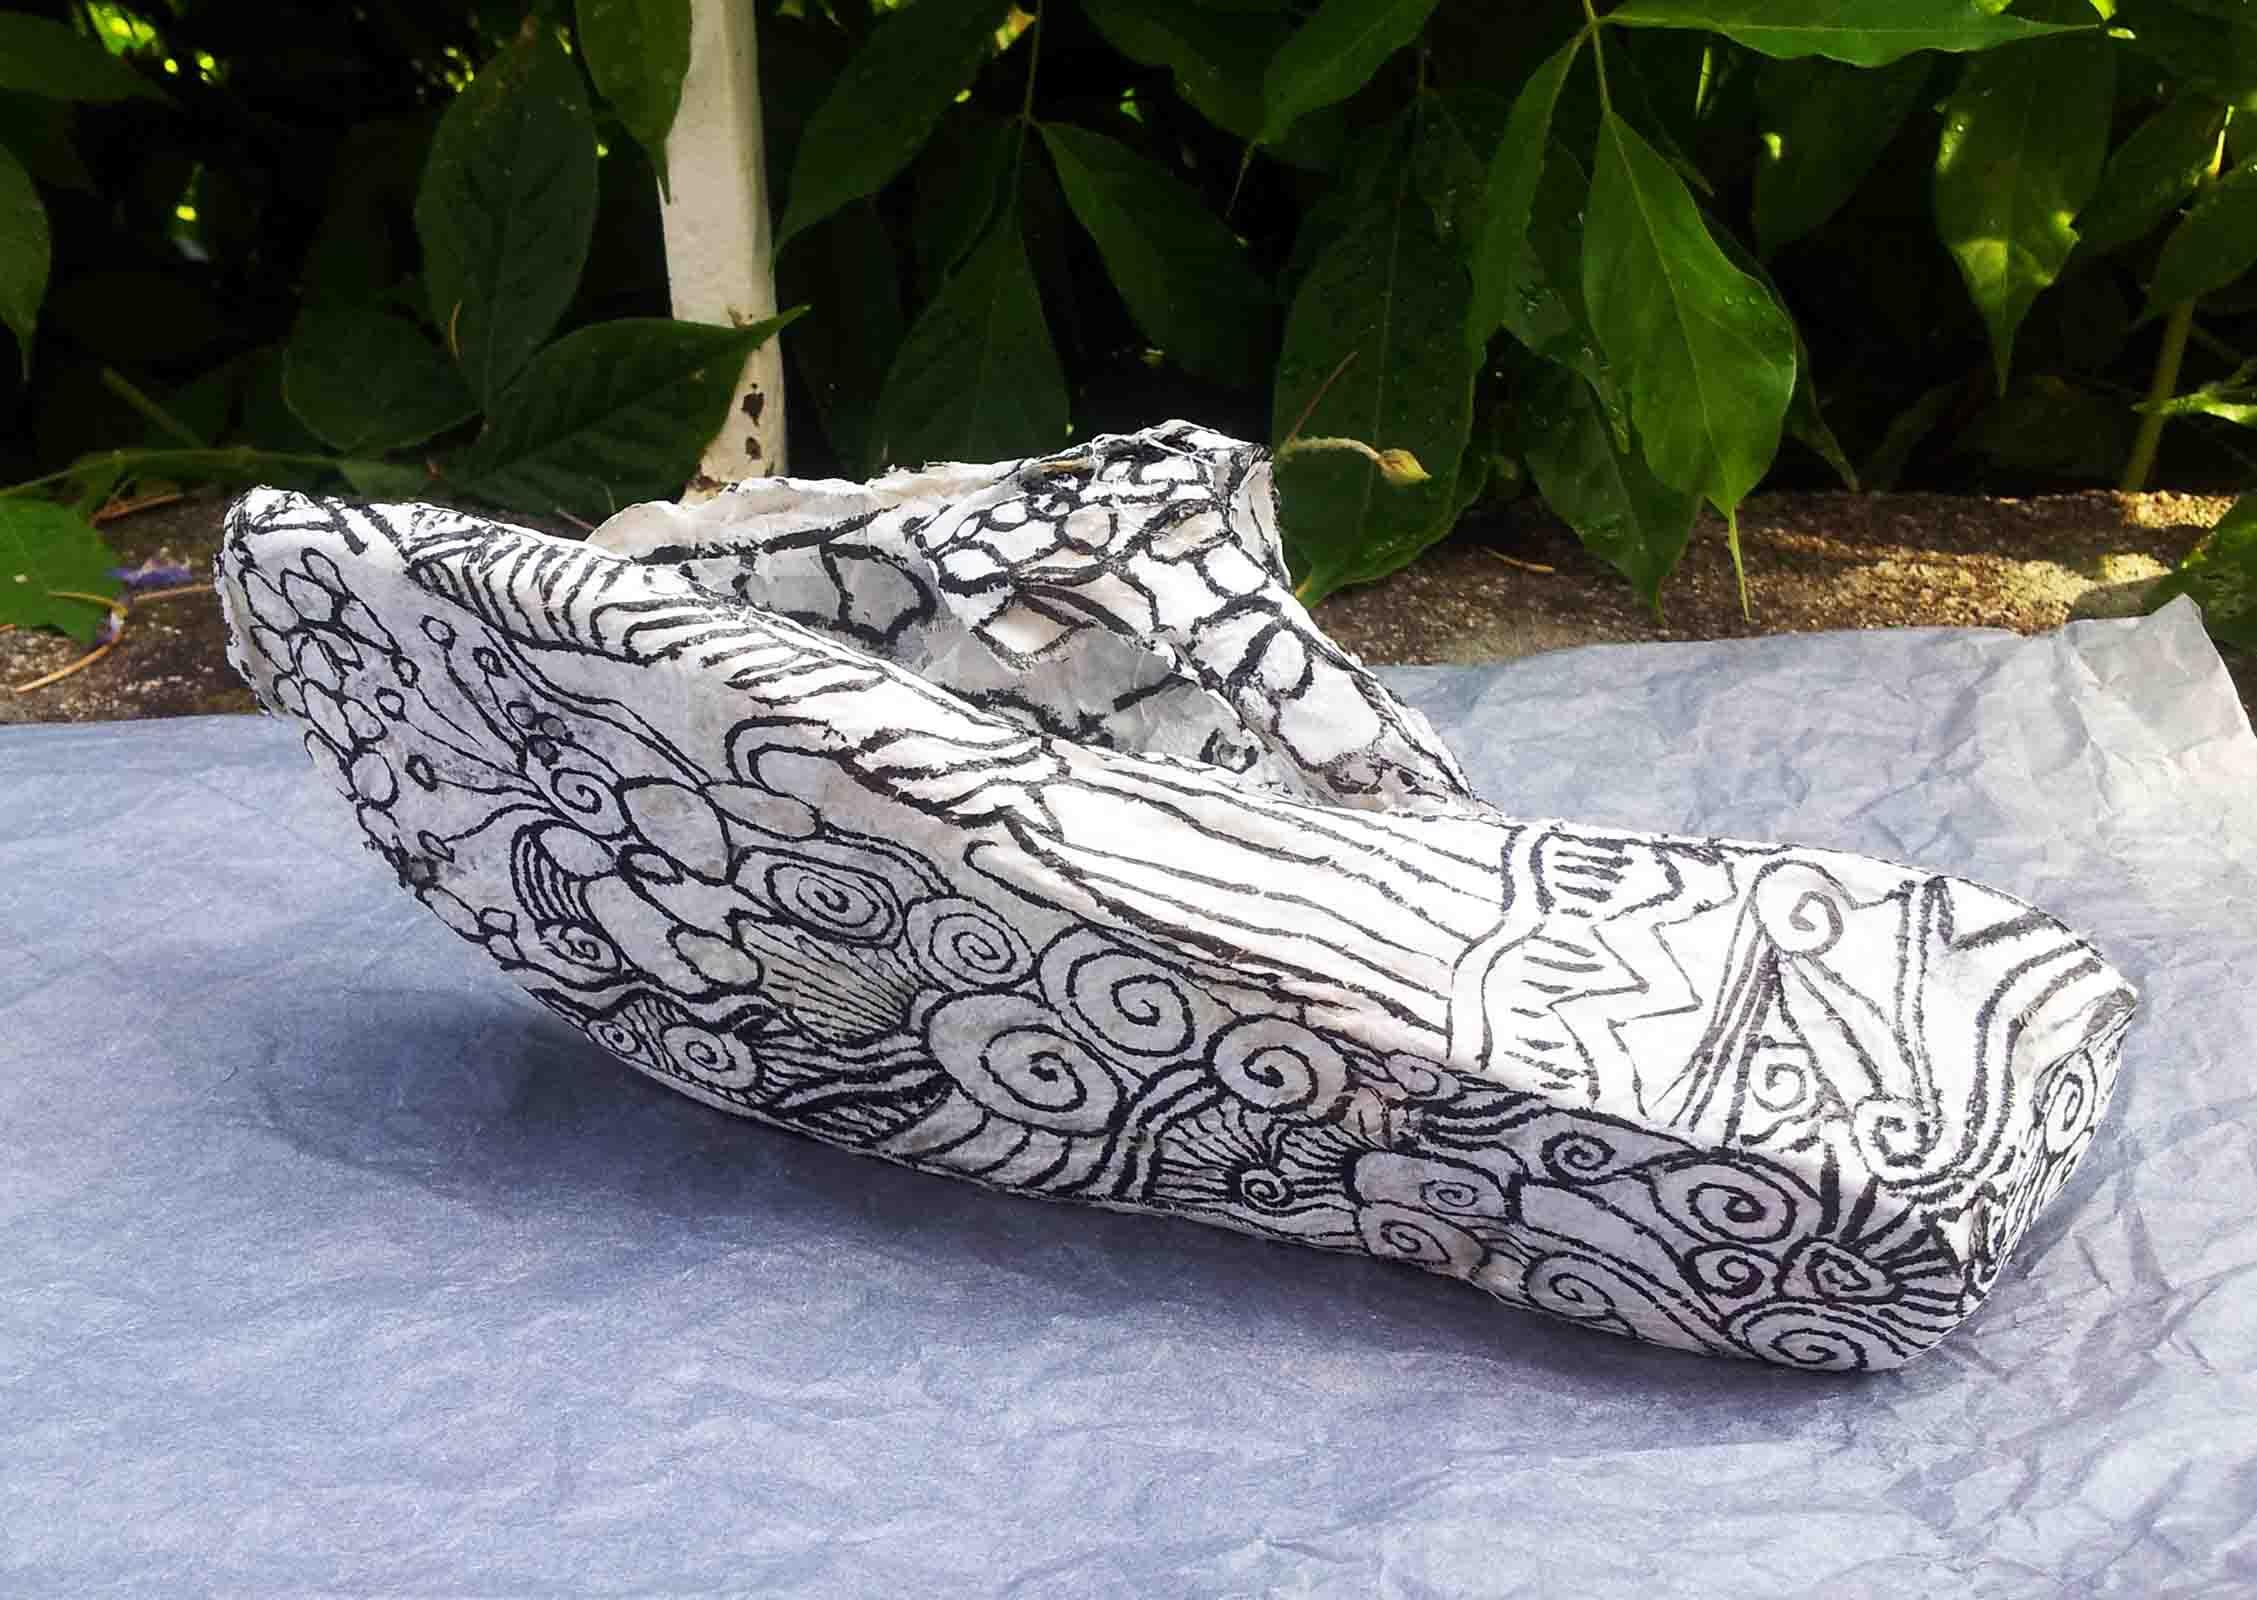 soulier sculpté en cellulose d'eucalyptus rehaussé d'encre de Chine noire